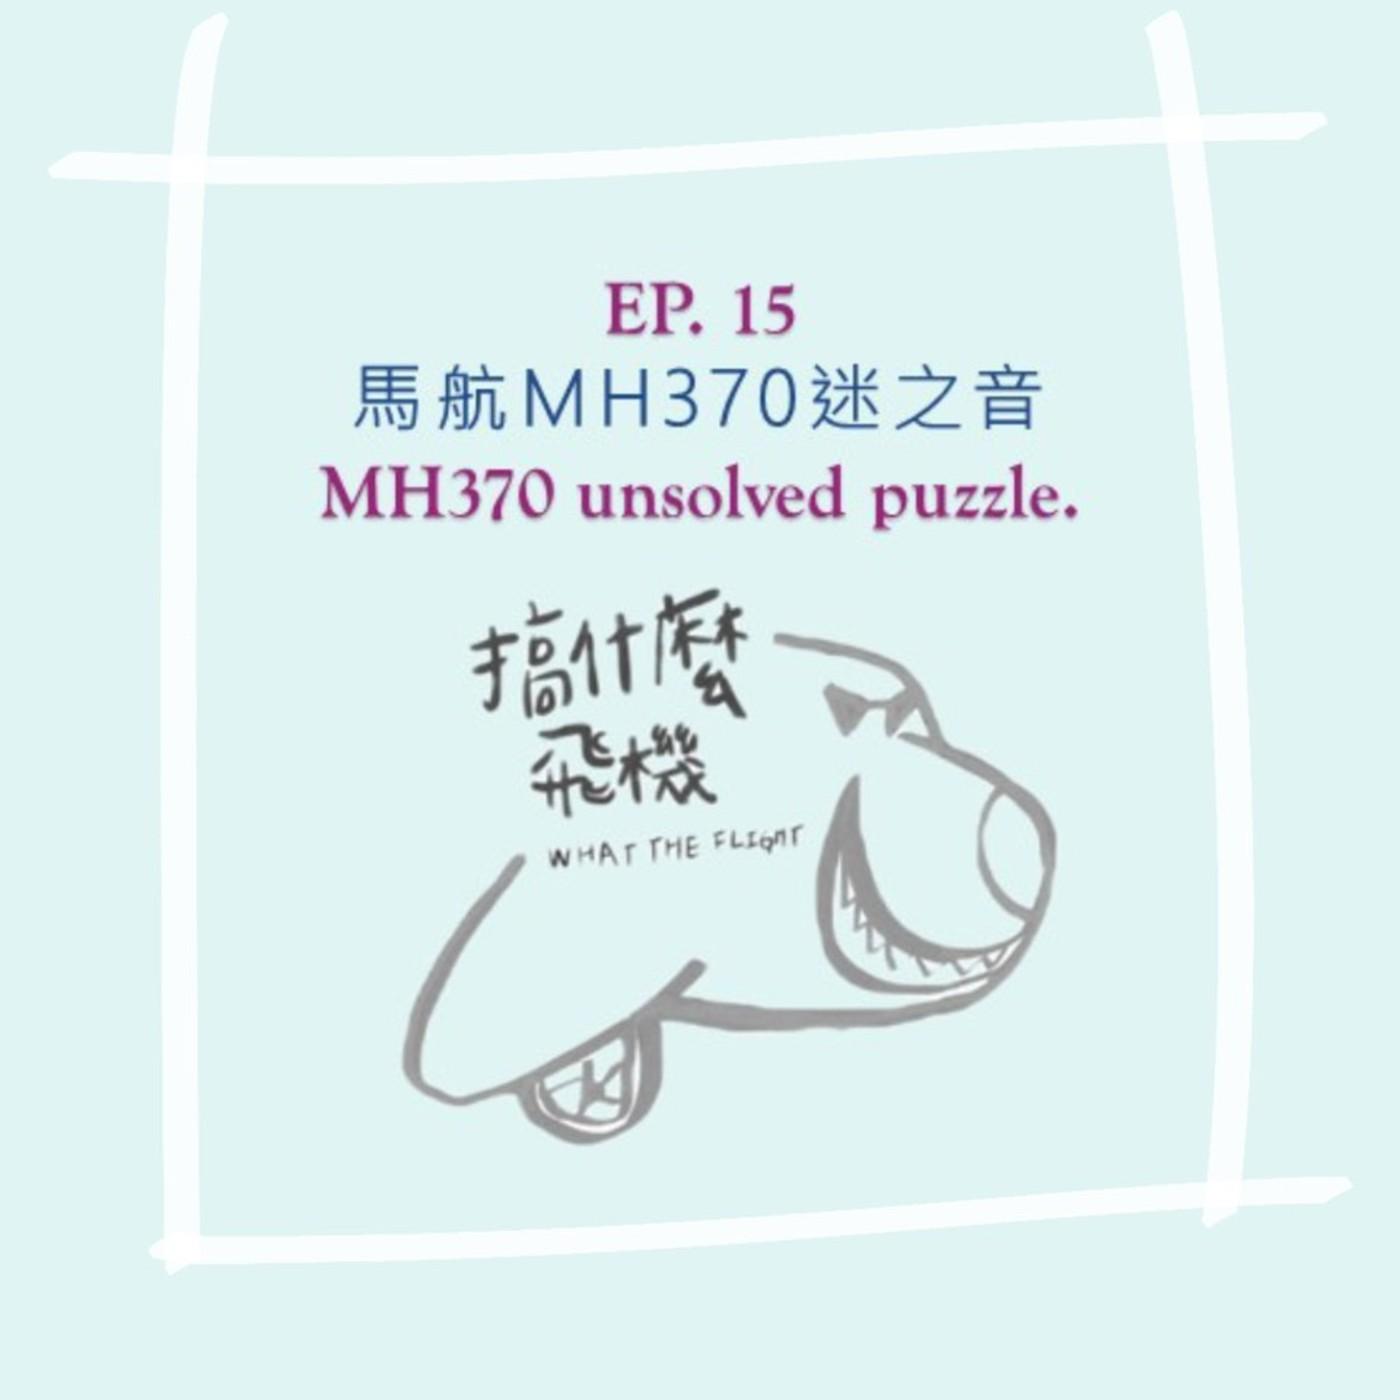 馬航MH370謎之音